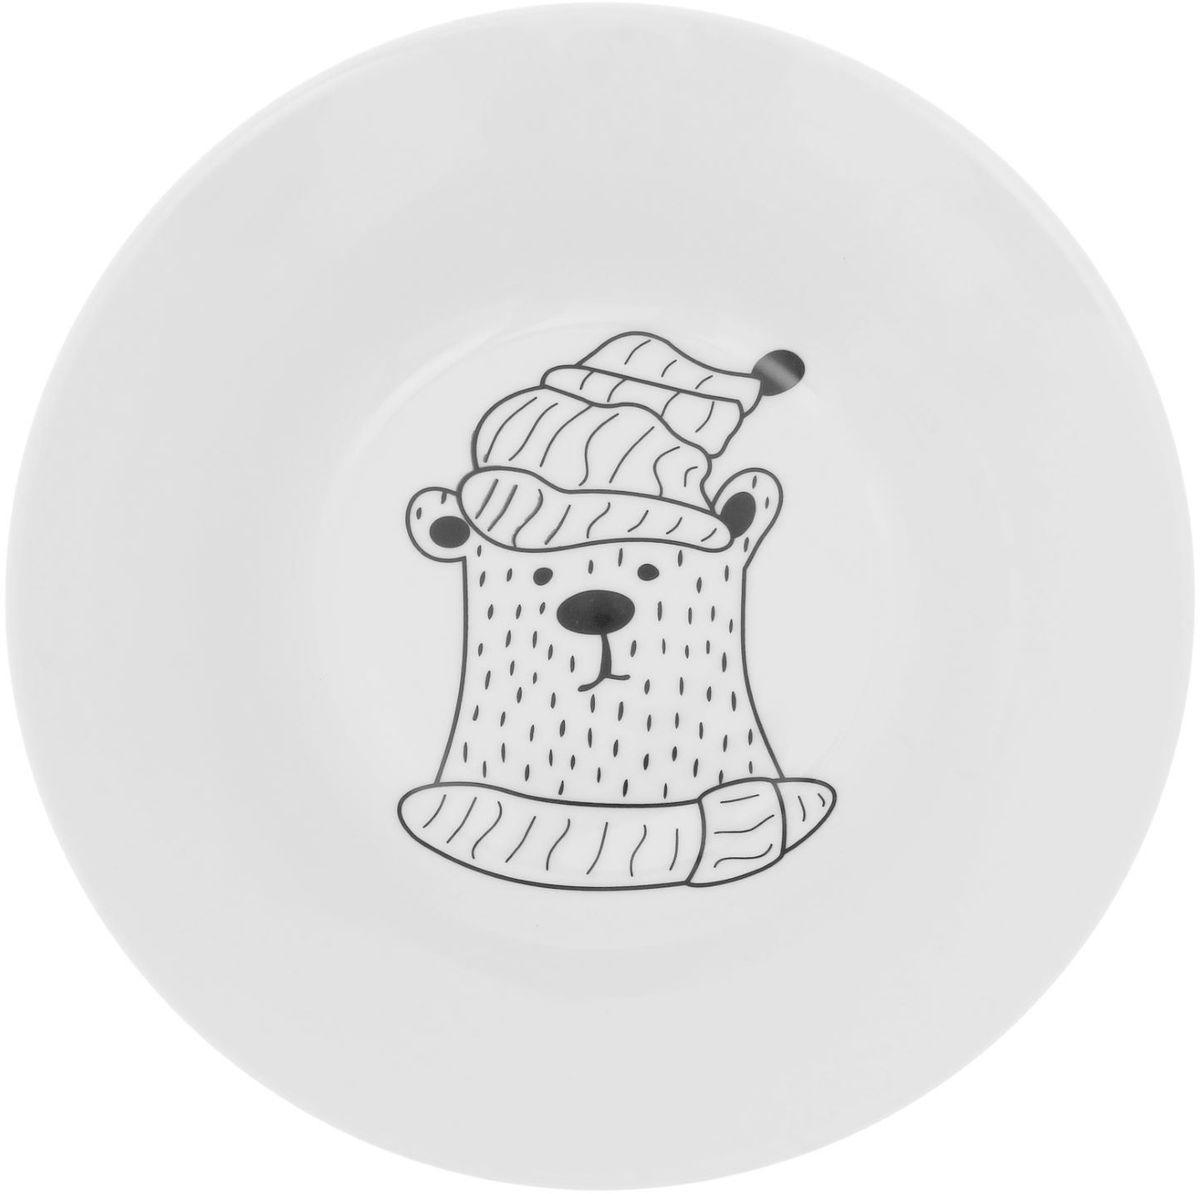 Тарелка глубокая Сотвори чудо Полярный мишка, диаметр 20 см1828171Хотите обновить интерьер кухни или гостиной? Устраиваете необычную фотосессию или тематический праздник? А может, просто ищете подарок для близкого человека? Посуда « Сотвори Чудо» — правильный выбор в любой ситуации. Её достоинства: изящный фаянс нежного сливочного цвета; стойкость краски; пригодность для посудомоечных машин.